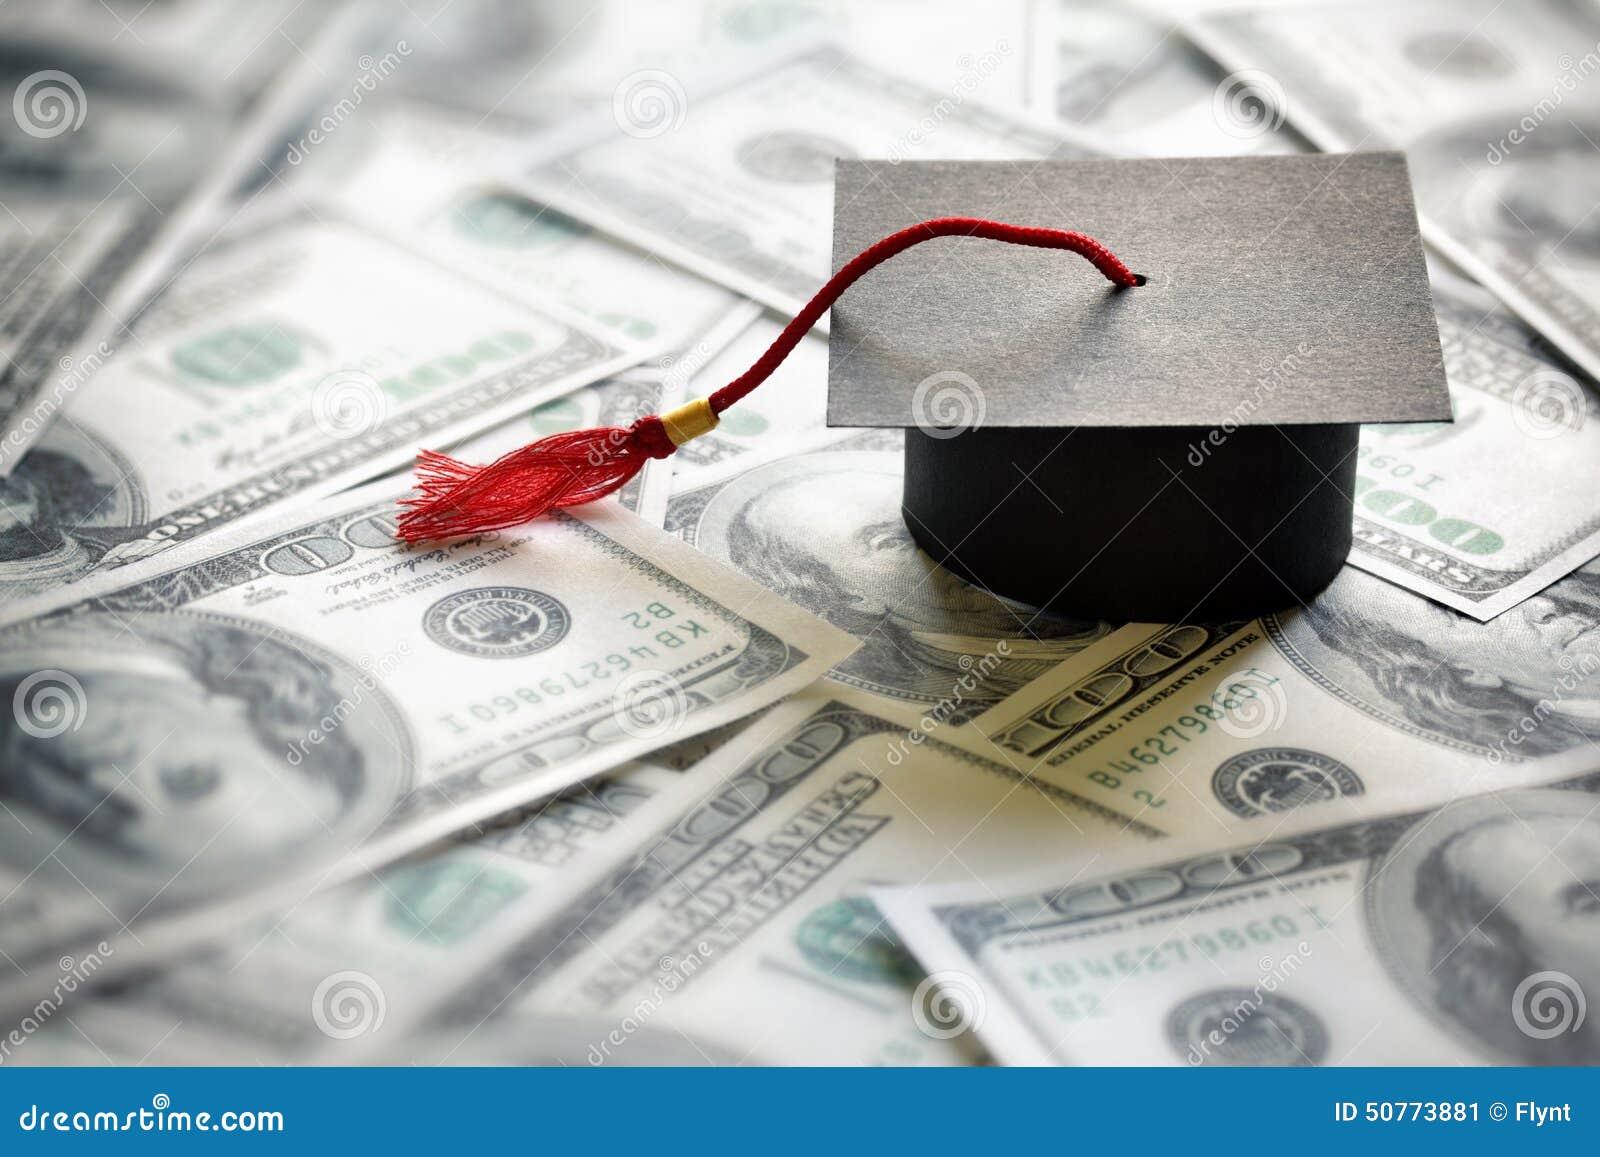 Besparing för utbildning